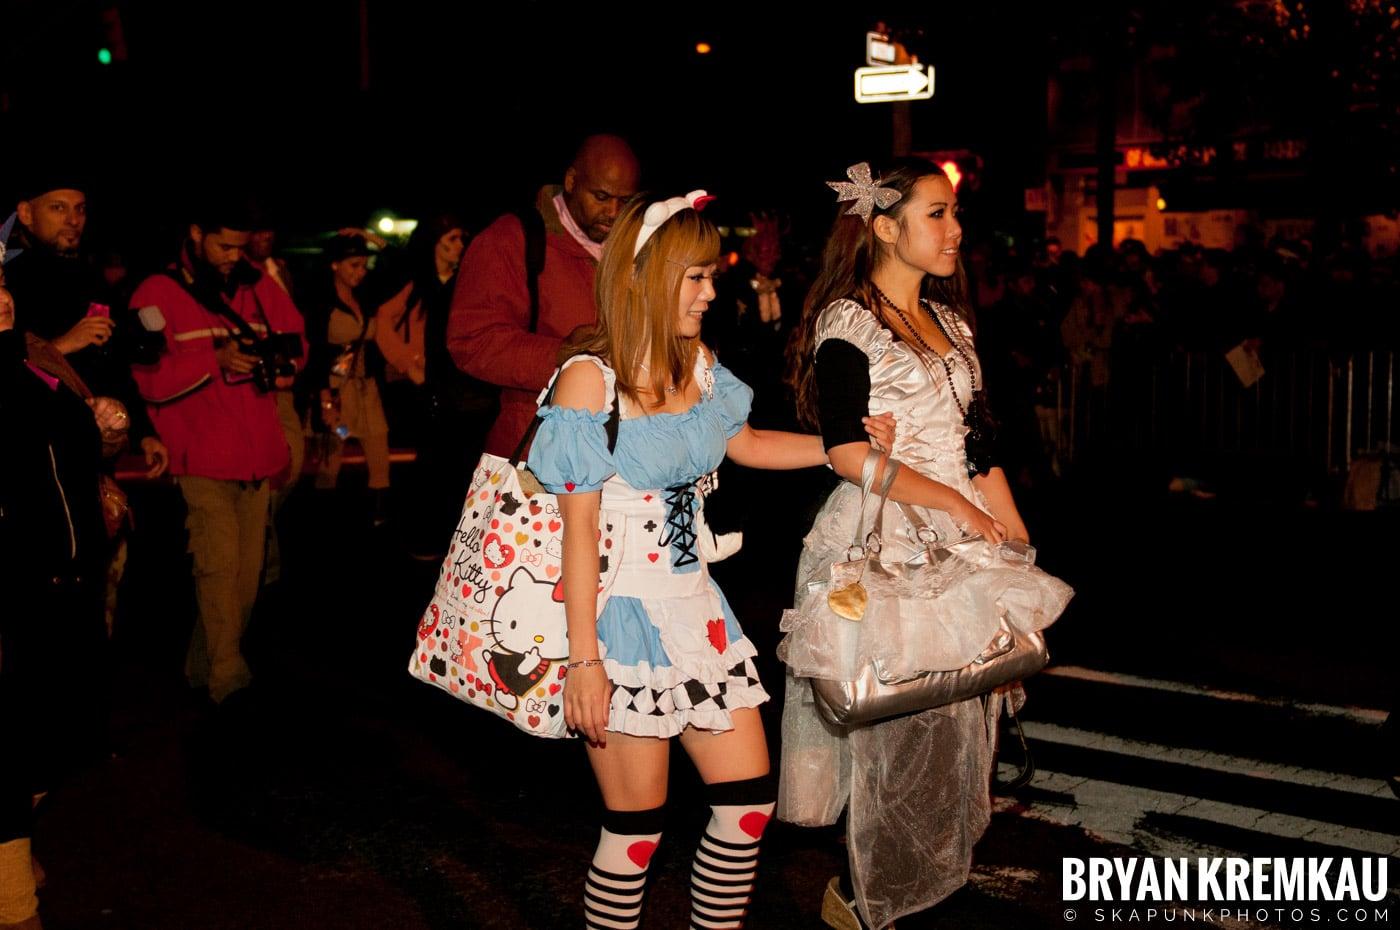 NYC Halloween Parade 2011 @ New York, NY - 10.31.11 (55)